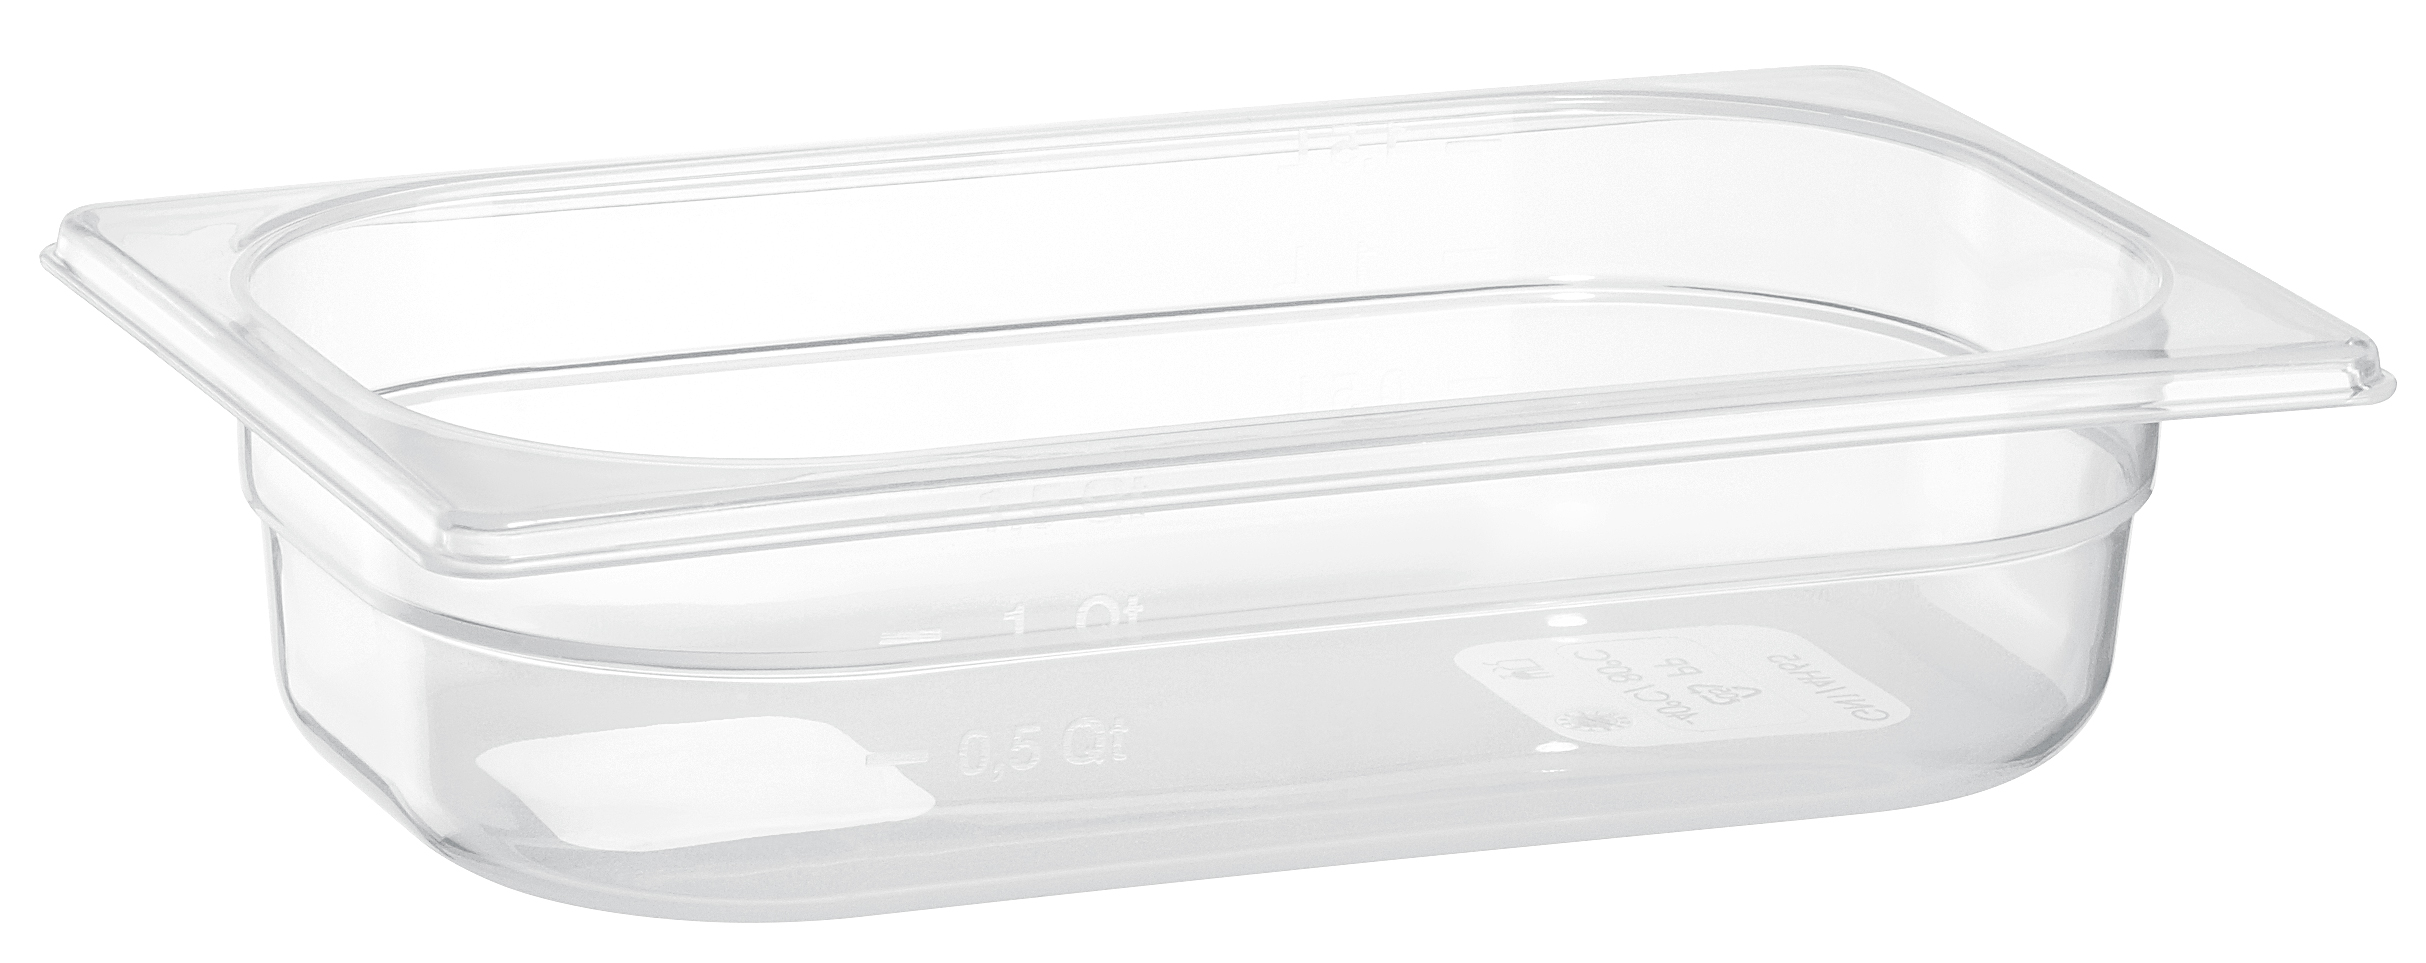 Gastronádoba polypropylenová GN 1/4 65 mm